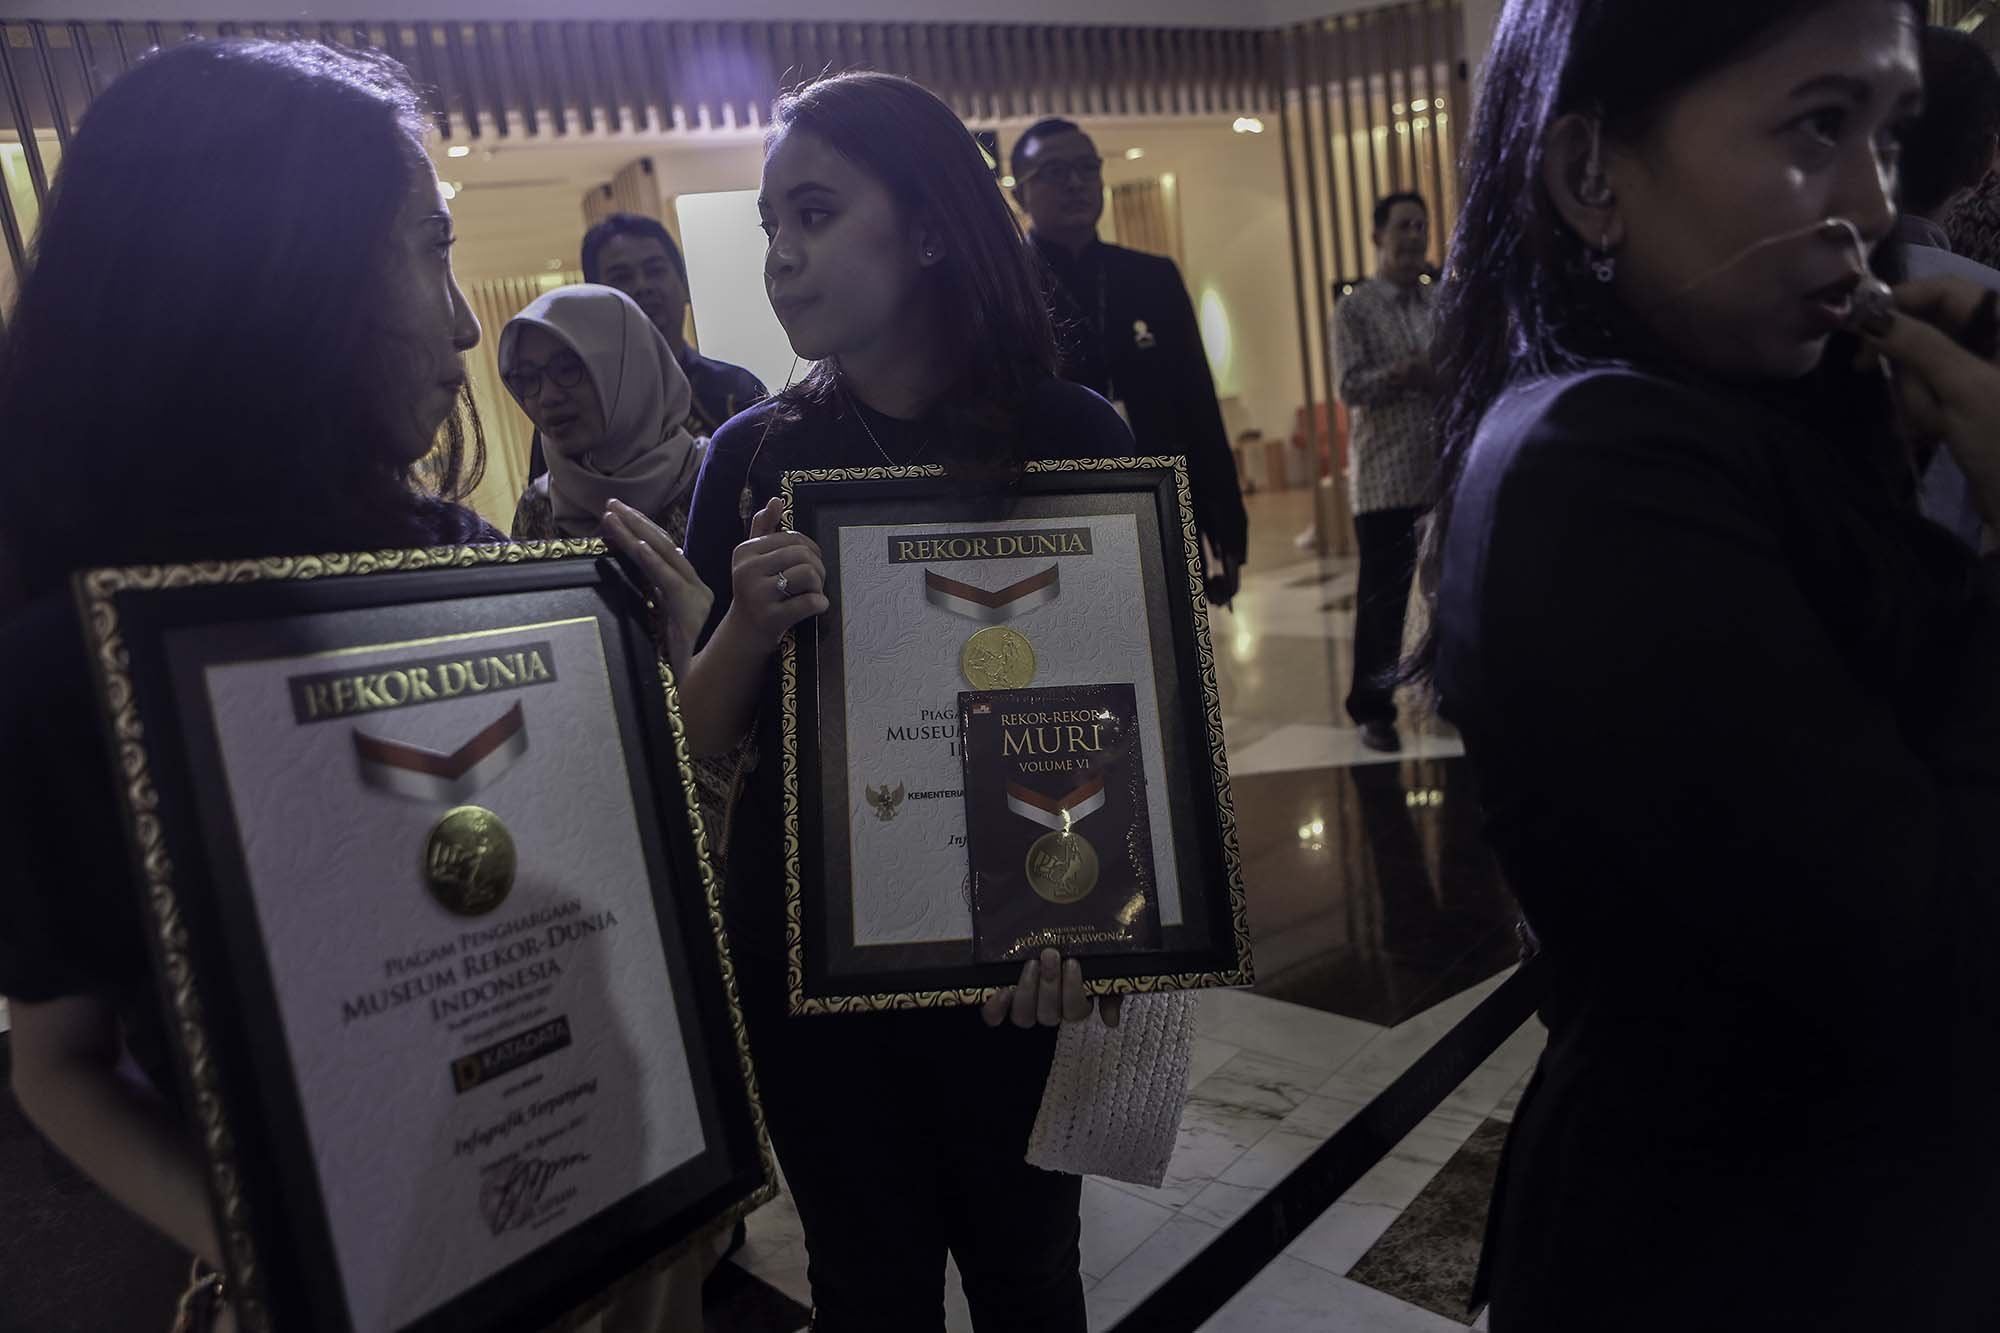 Museum Rekor Indonesia (MURI) memberikan piagam atas rekor infografik terpanjang tentang perjalanan ekonomi Indonesia 1945-2017. Tampilan visual berukuran 1,8 x 17 meter ini menjelaskan tentang sejarah perekonomian Indonesia pasca-kemerdekaan.